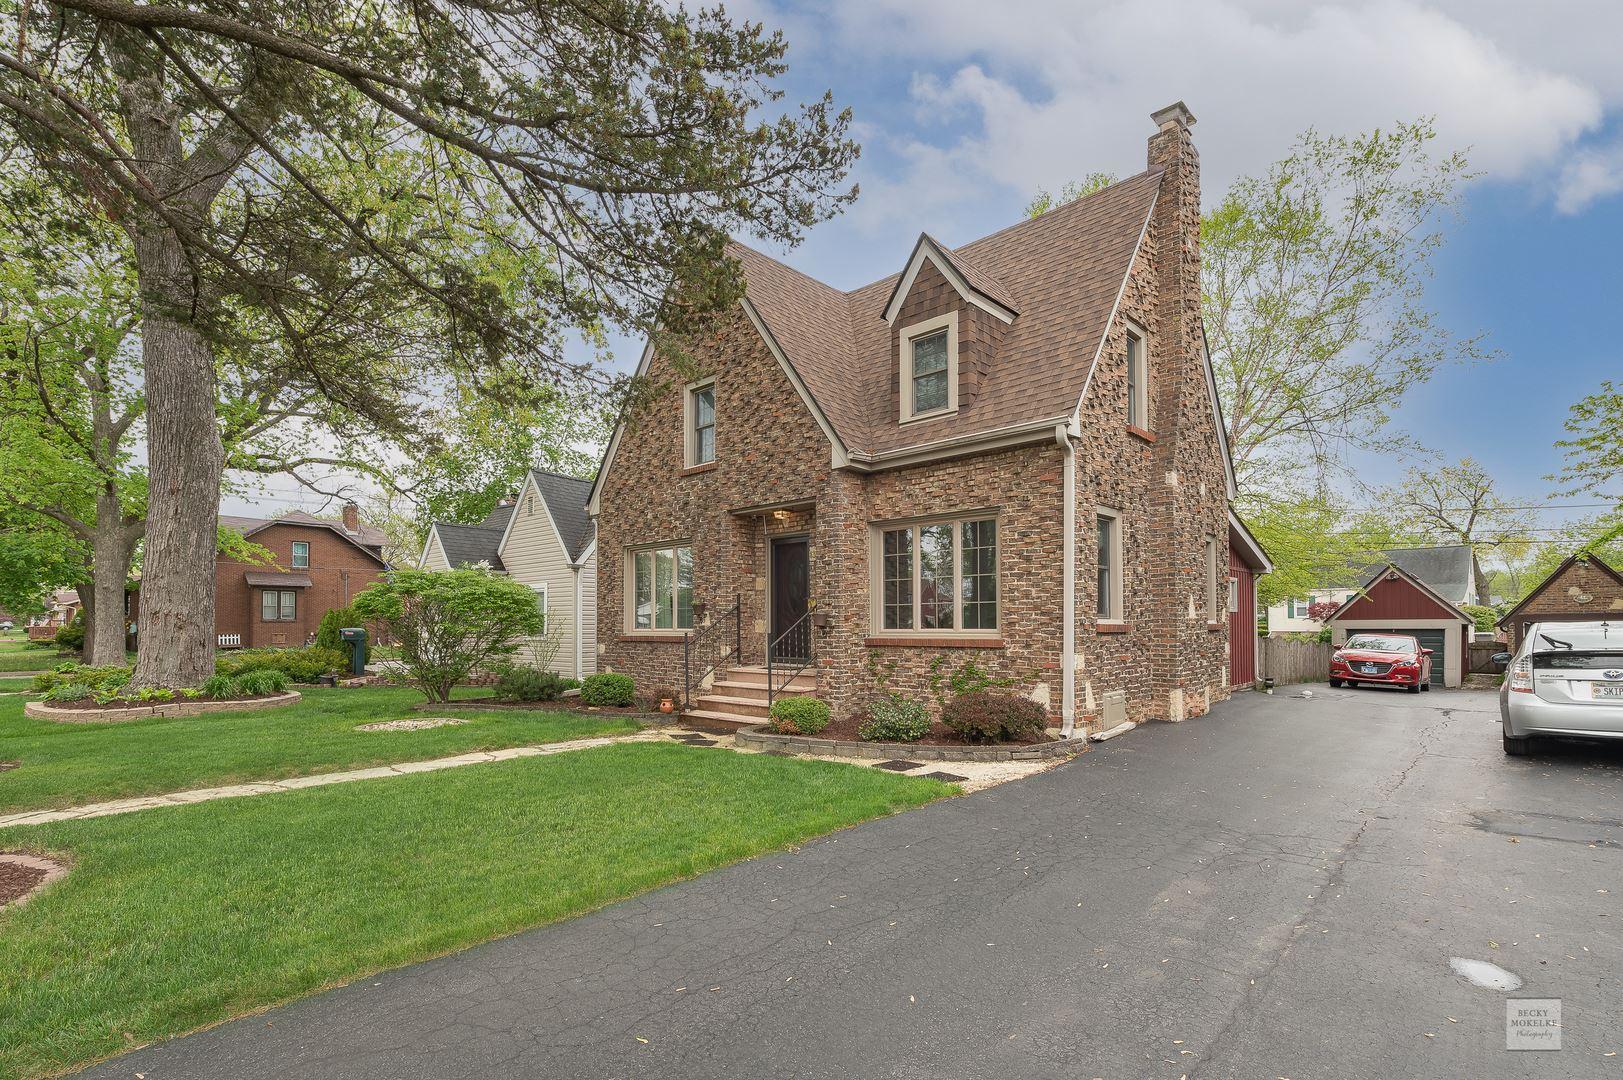 Photo of 1302 Briargate Avenue, Joliet, IL 60435 (MLS # 11076785)